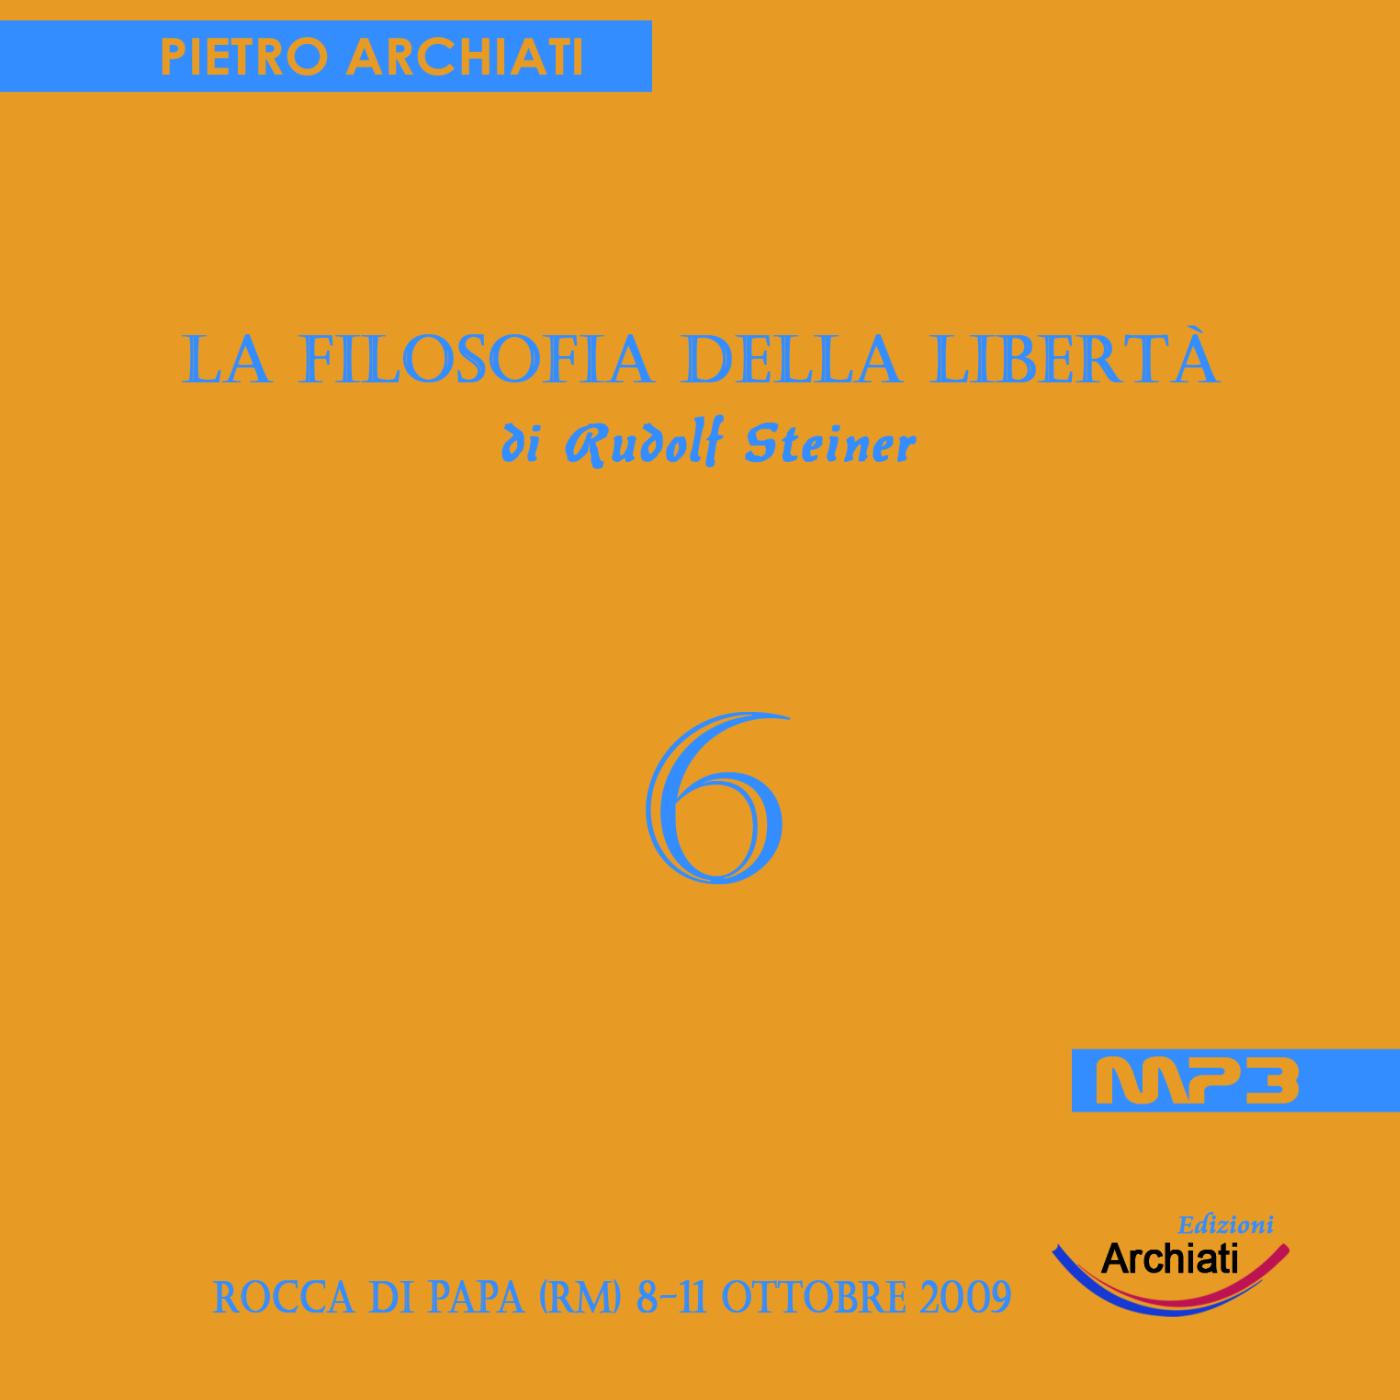 La Filosofia della Libertà di Rudolf Steiner - 6° Seminario - Rocca di Papa (RM), dall'8 all'11 ottobre 2009